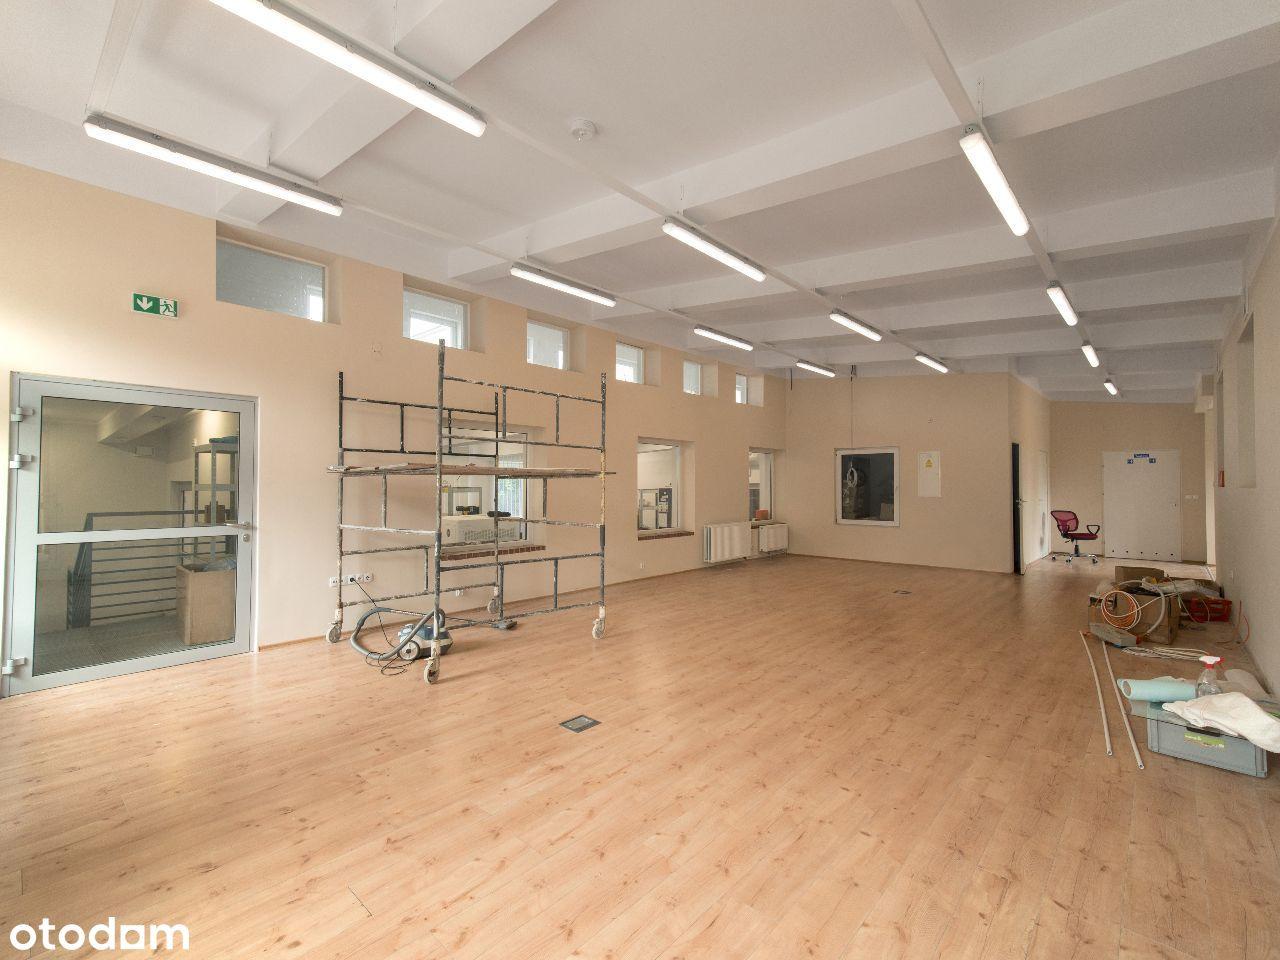 Pomieszczenia warsztatowo-biurowe 140m2